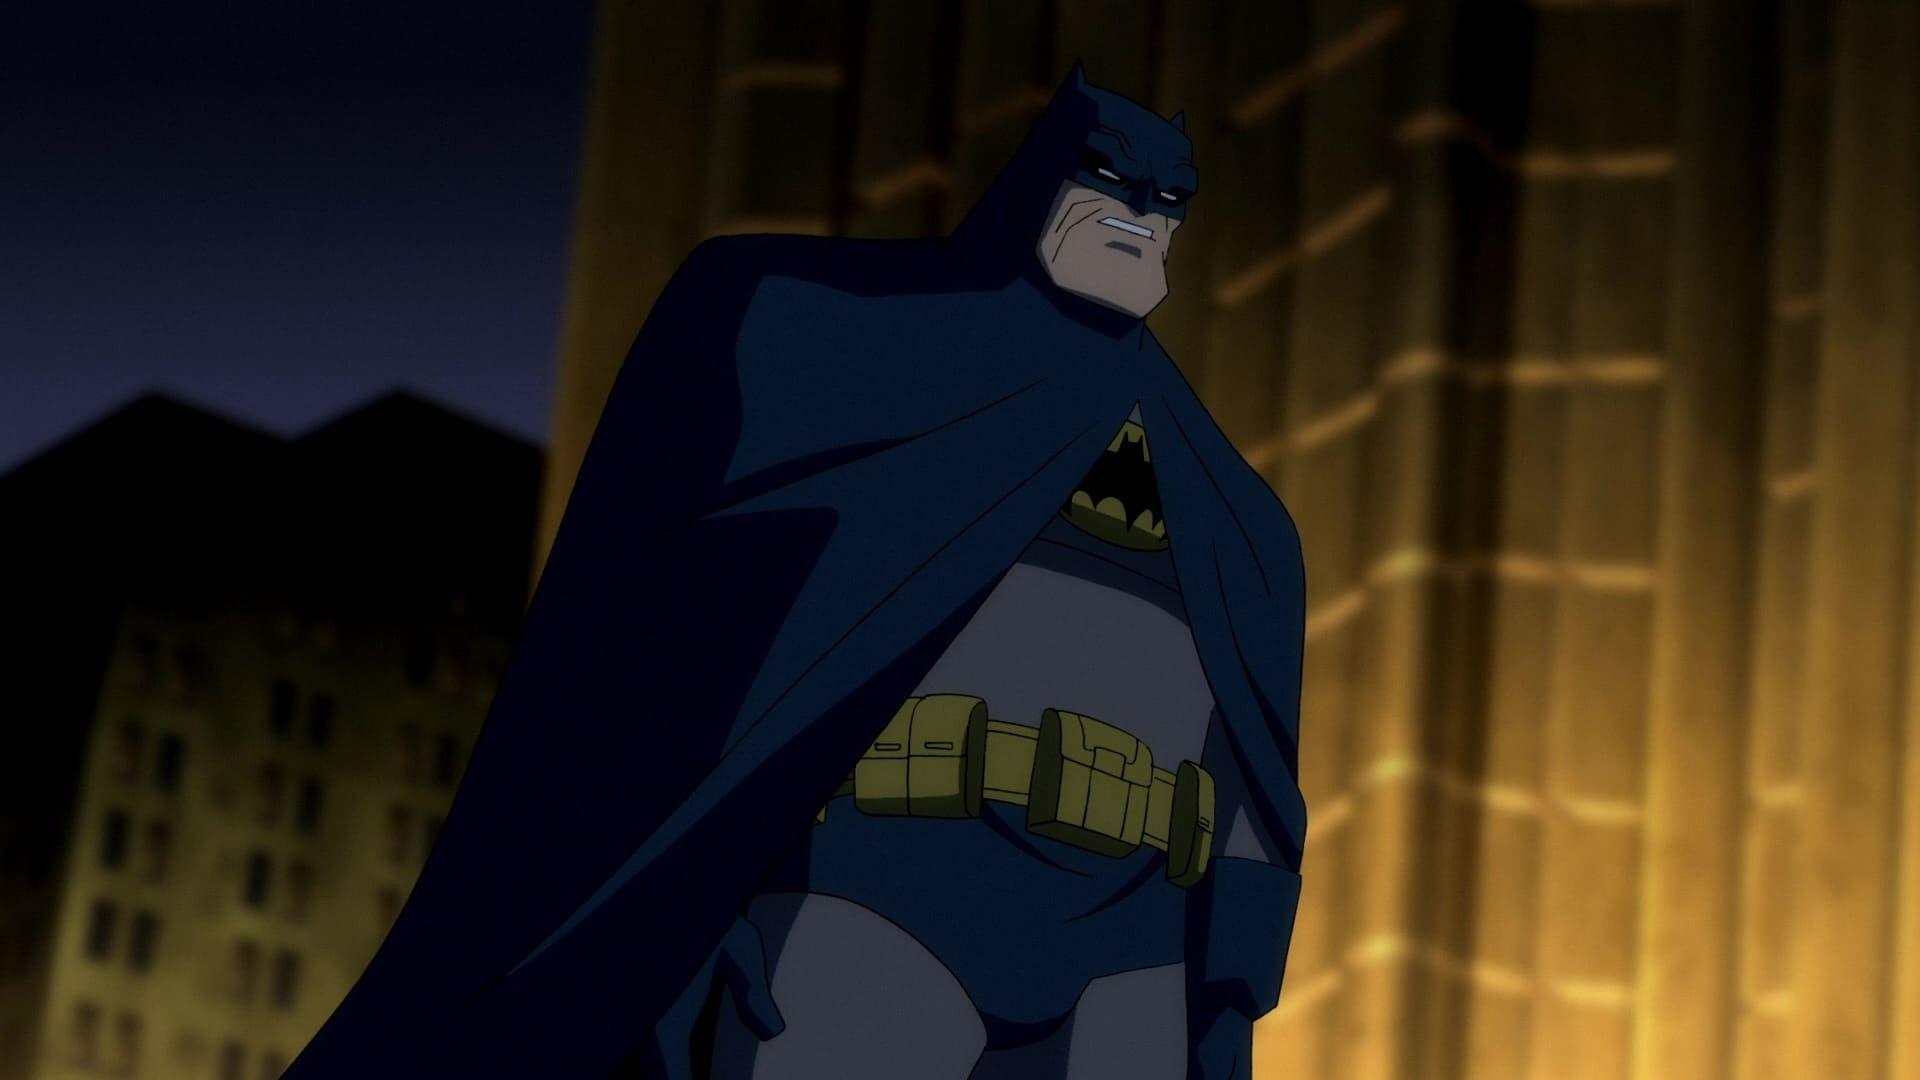 Batman A Sötét Lovag Visszatér 1 Rész 2012 Online Teljes Film Filmek Magyarul Letöltés Hd újabb éjszaka Ereszkedik Le Gotham C Ganze Filme Dark Knight Filme